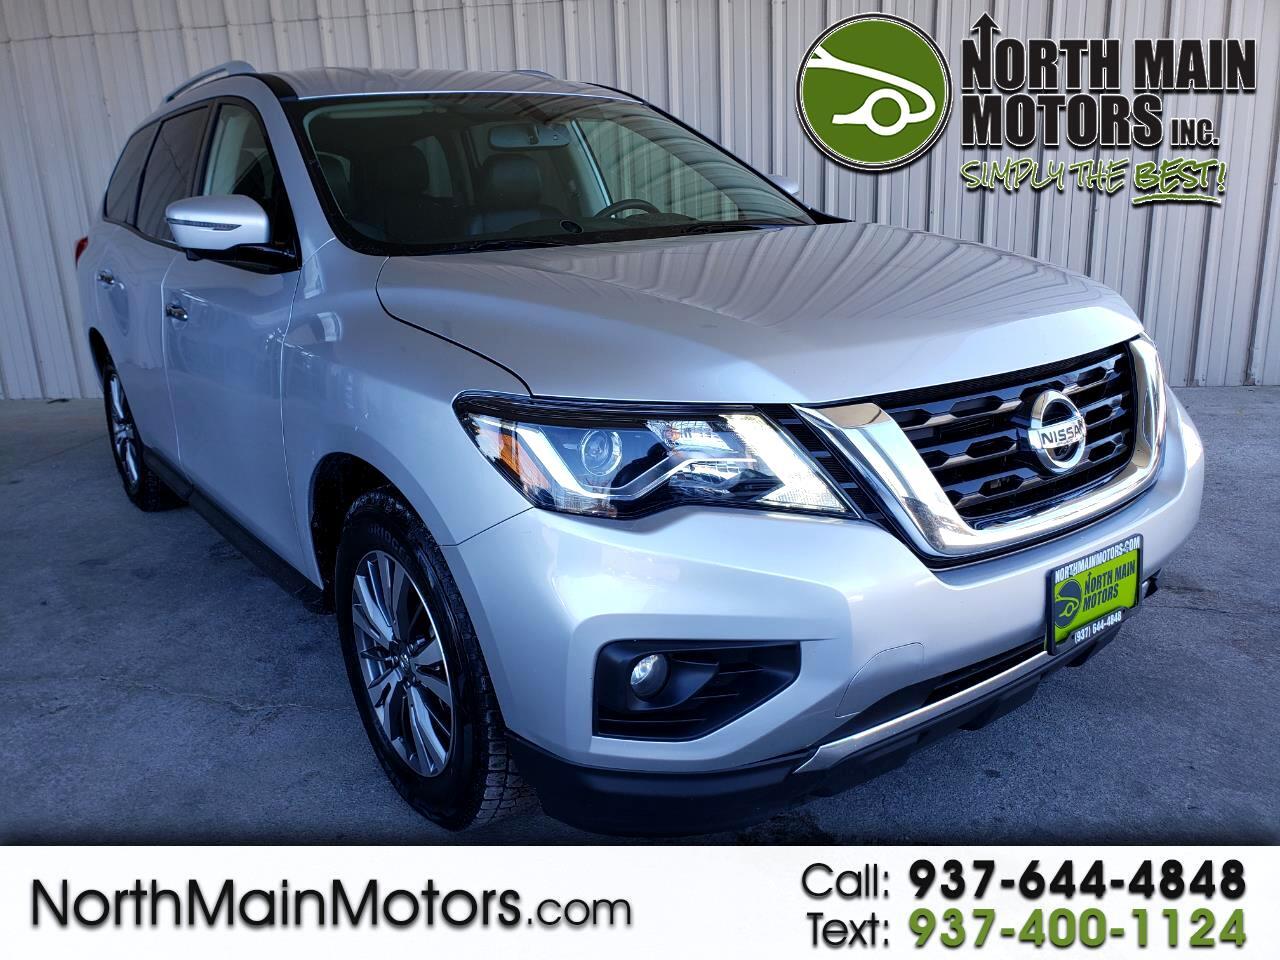 Nissan Pathfinder FWD SL 2018